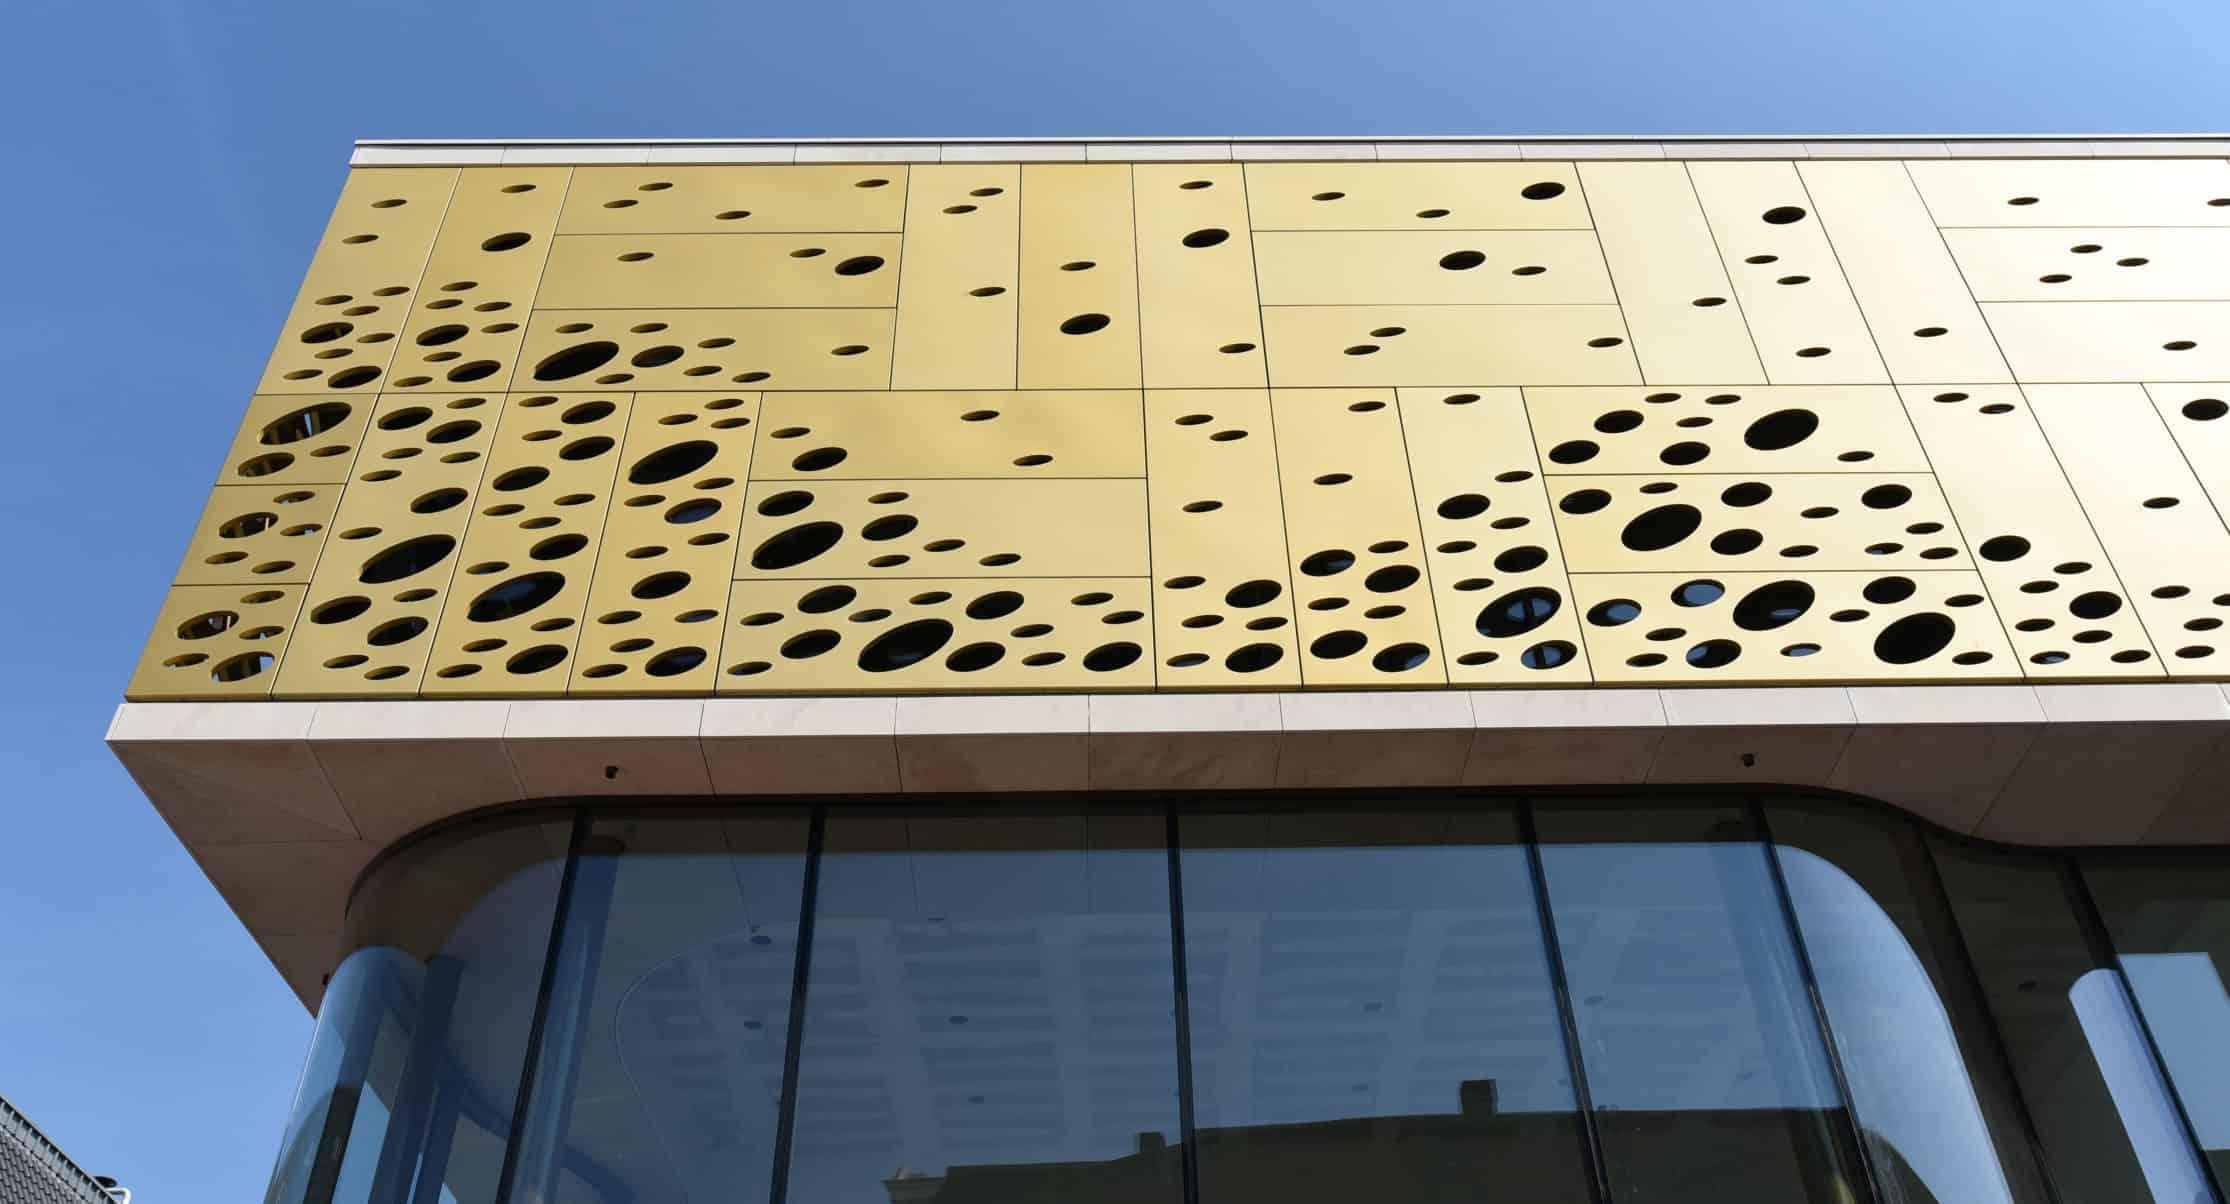 Formatura_Designperforatie_Kalanderstraat_Enschede_4